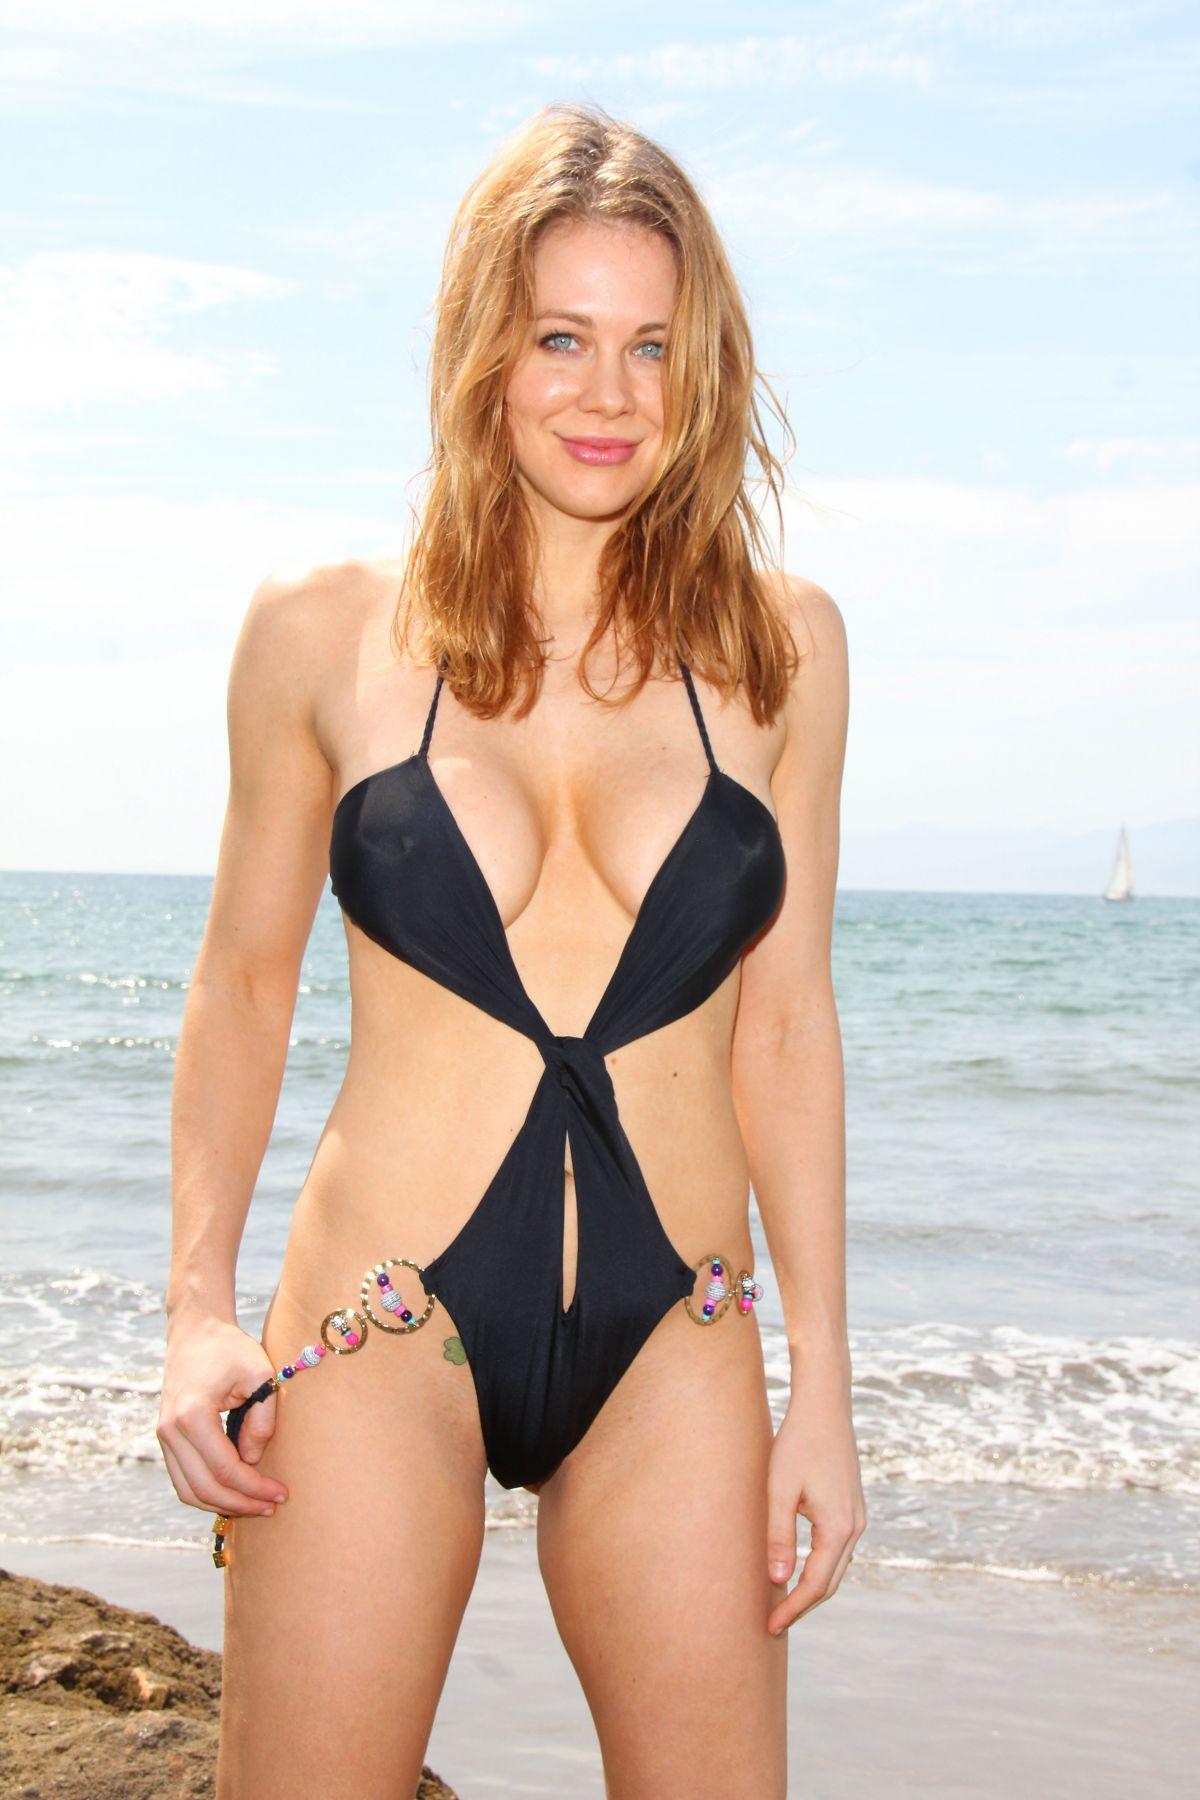 Maitland Ward In Bikini At A Photoshoot On Malibu Beach